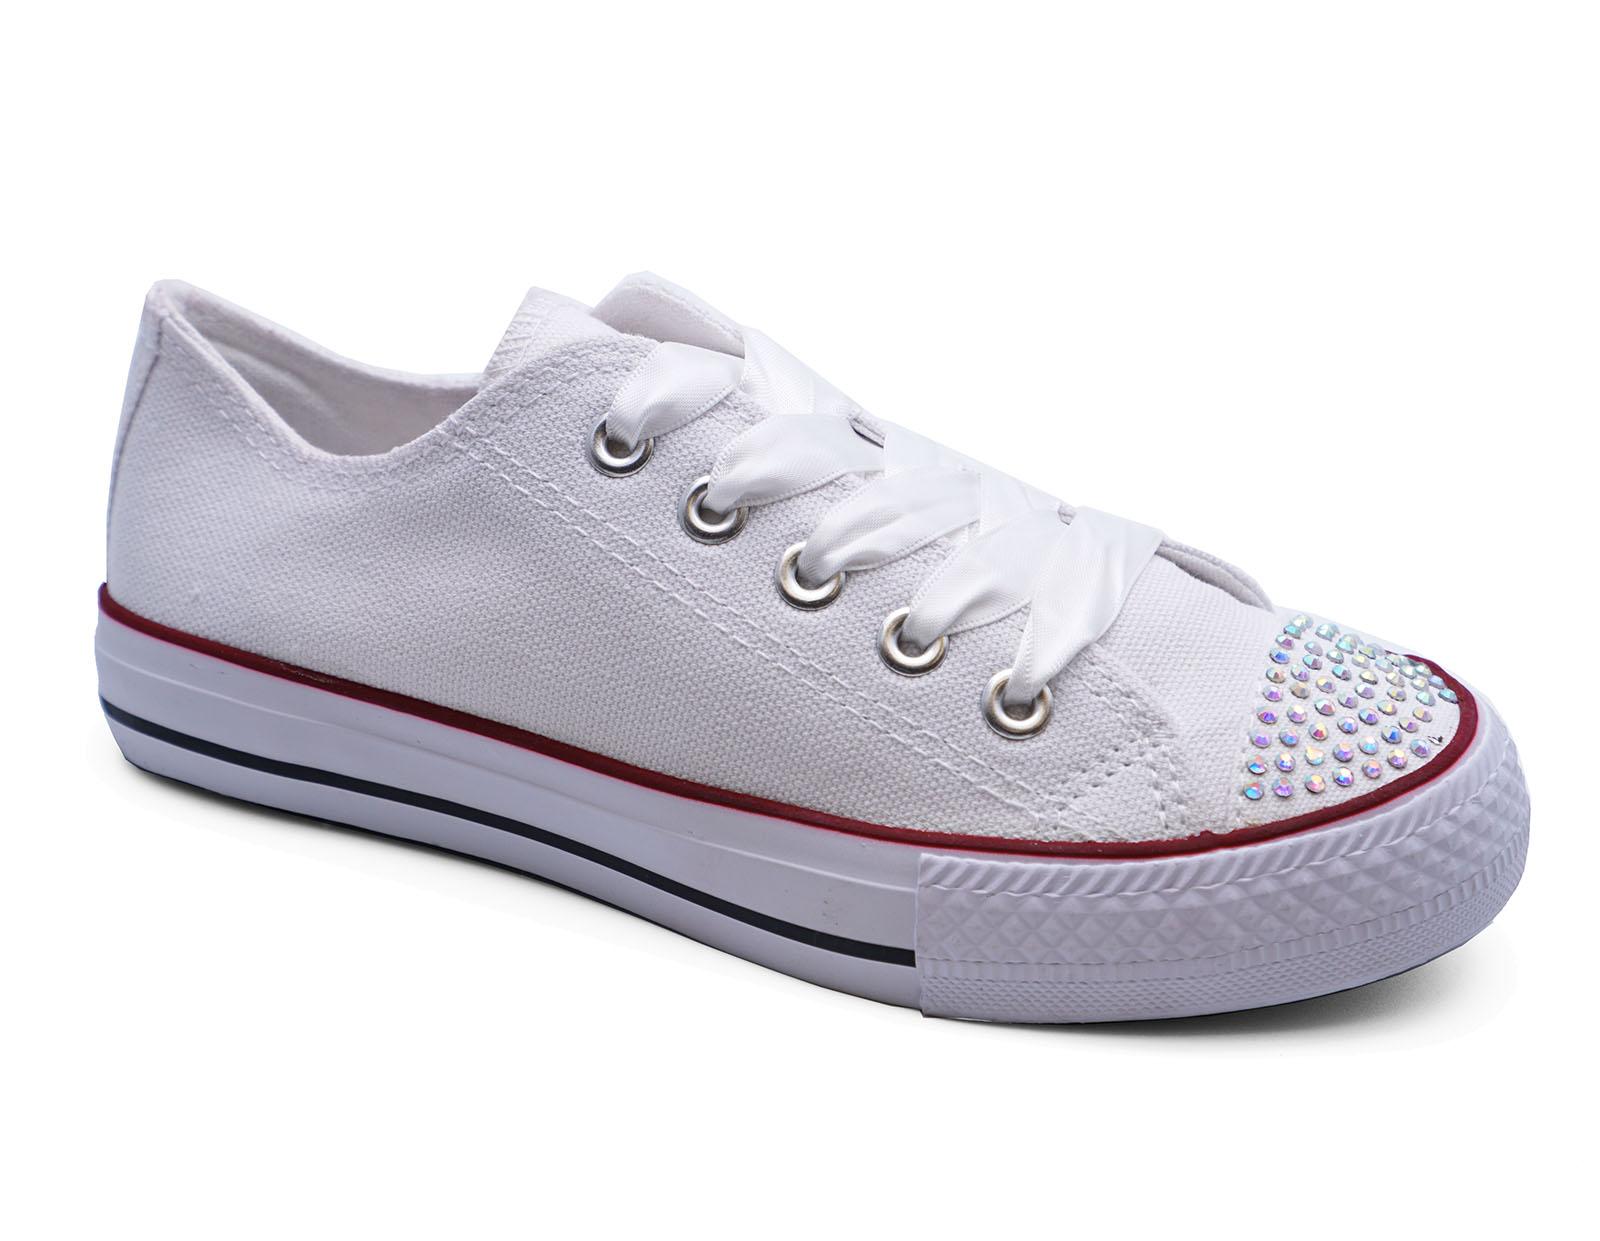 Mädchen Kinder Leinwand weiß Strass zum Schnüren Plimsoll Halbschuhe Schuhe UK